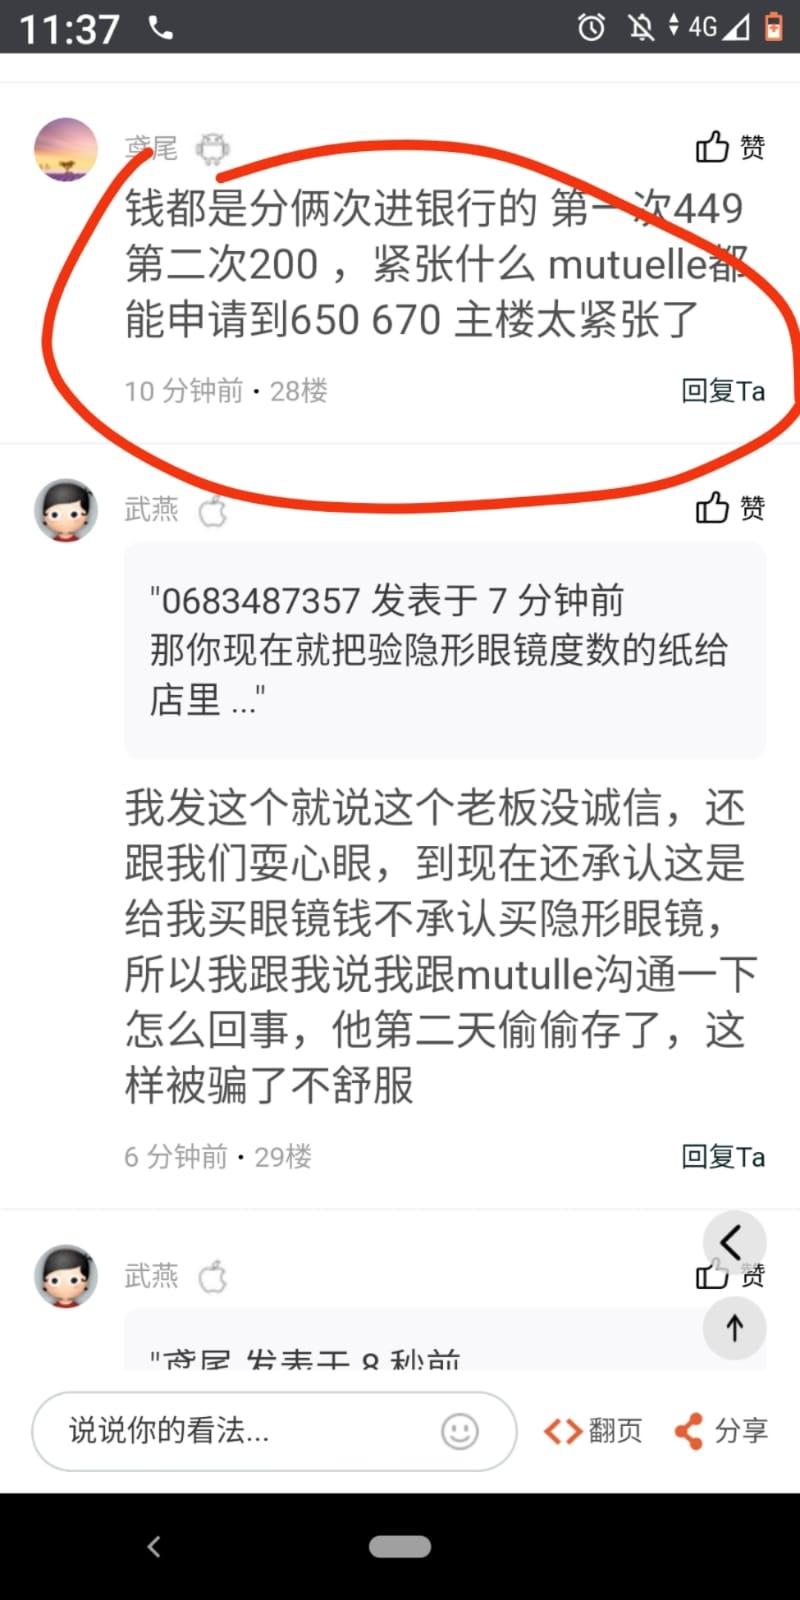 WhatsApp Image 2021-05-08 at 11.51.19 (1).jpeg